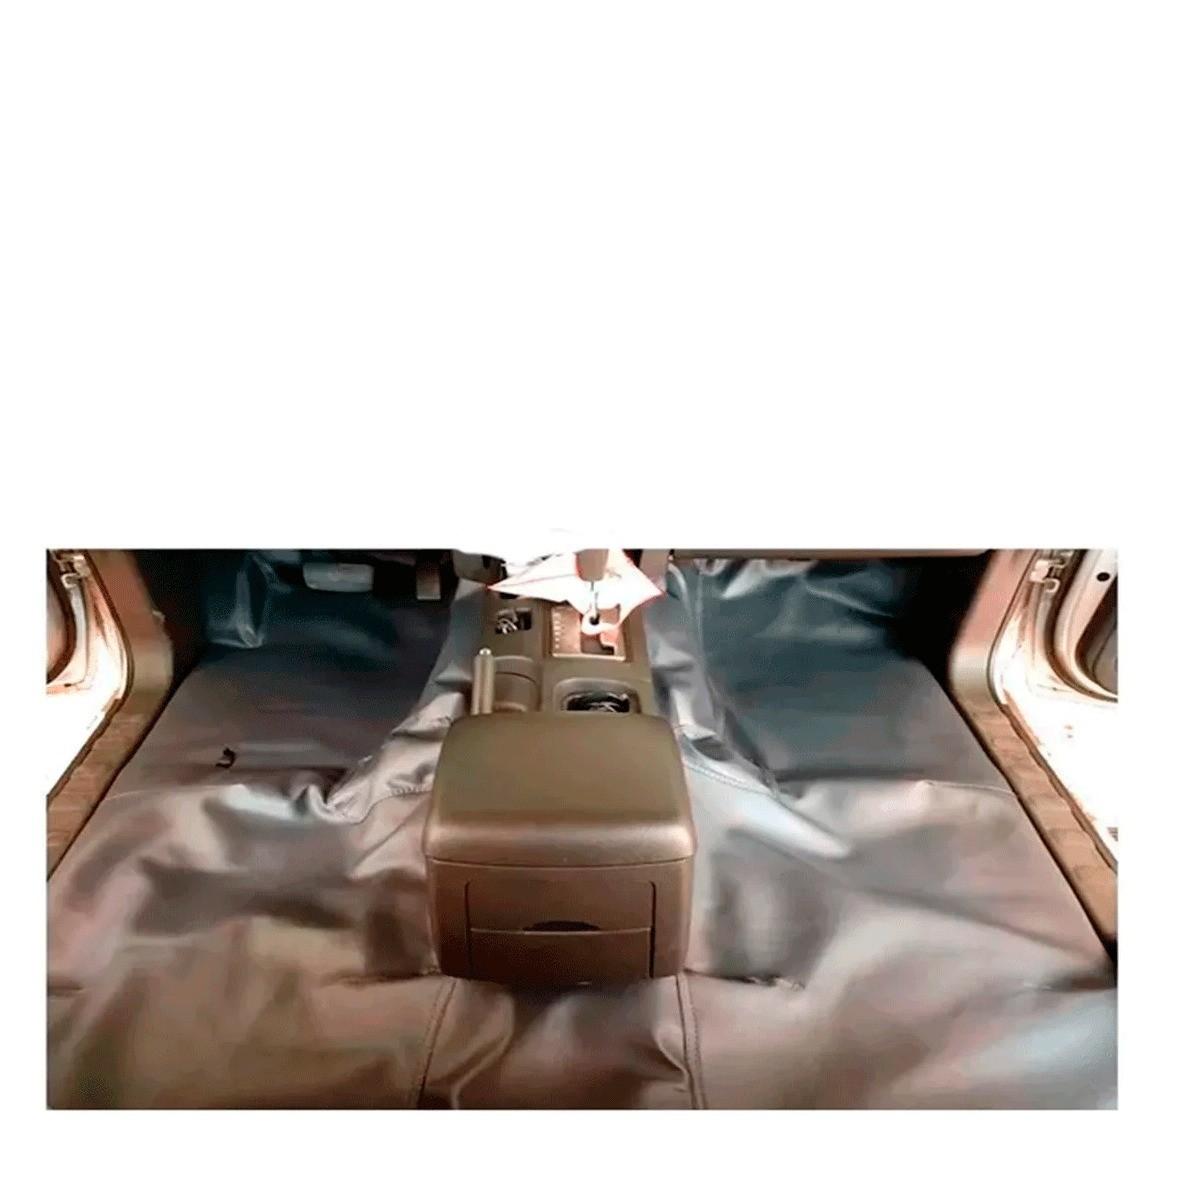 Tapete Automotivo Assoalho Emborrachado Bidim Fiat Fiorino 2007 a 2013